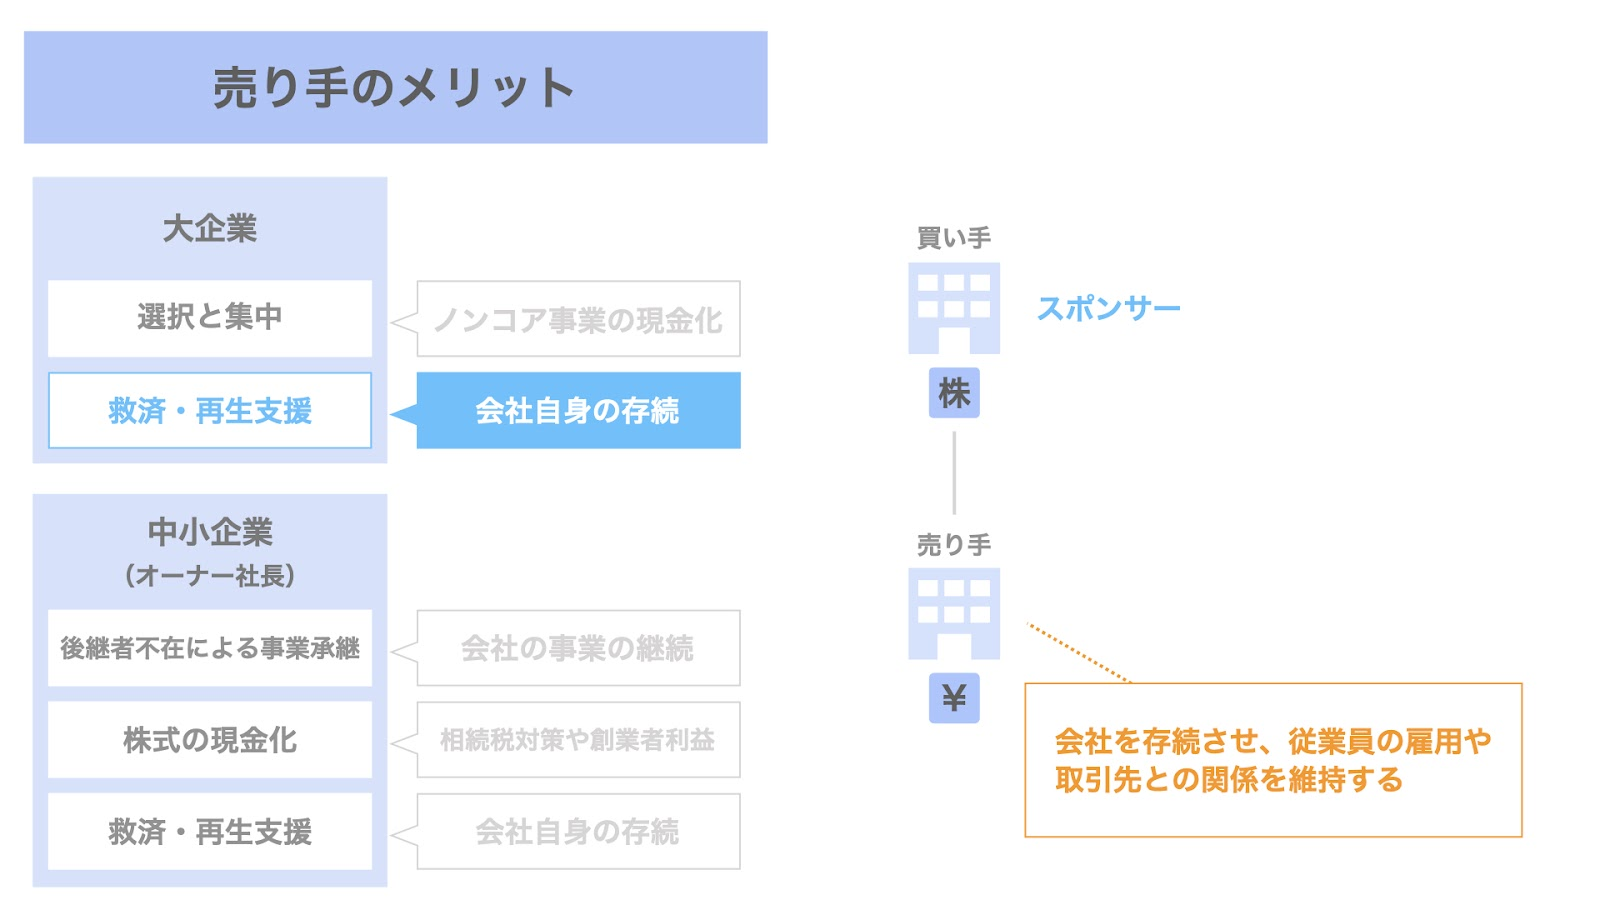 売り手(大企業)におけるM&Aのメリット② 救済・再生支援の要請による会社自身の存続